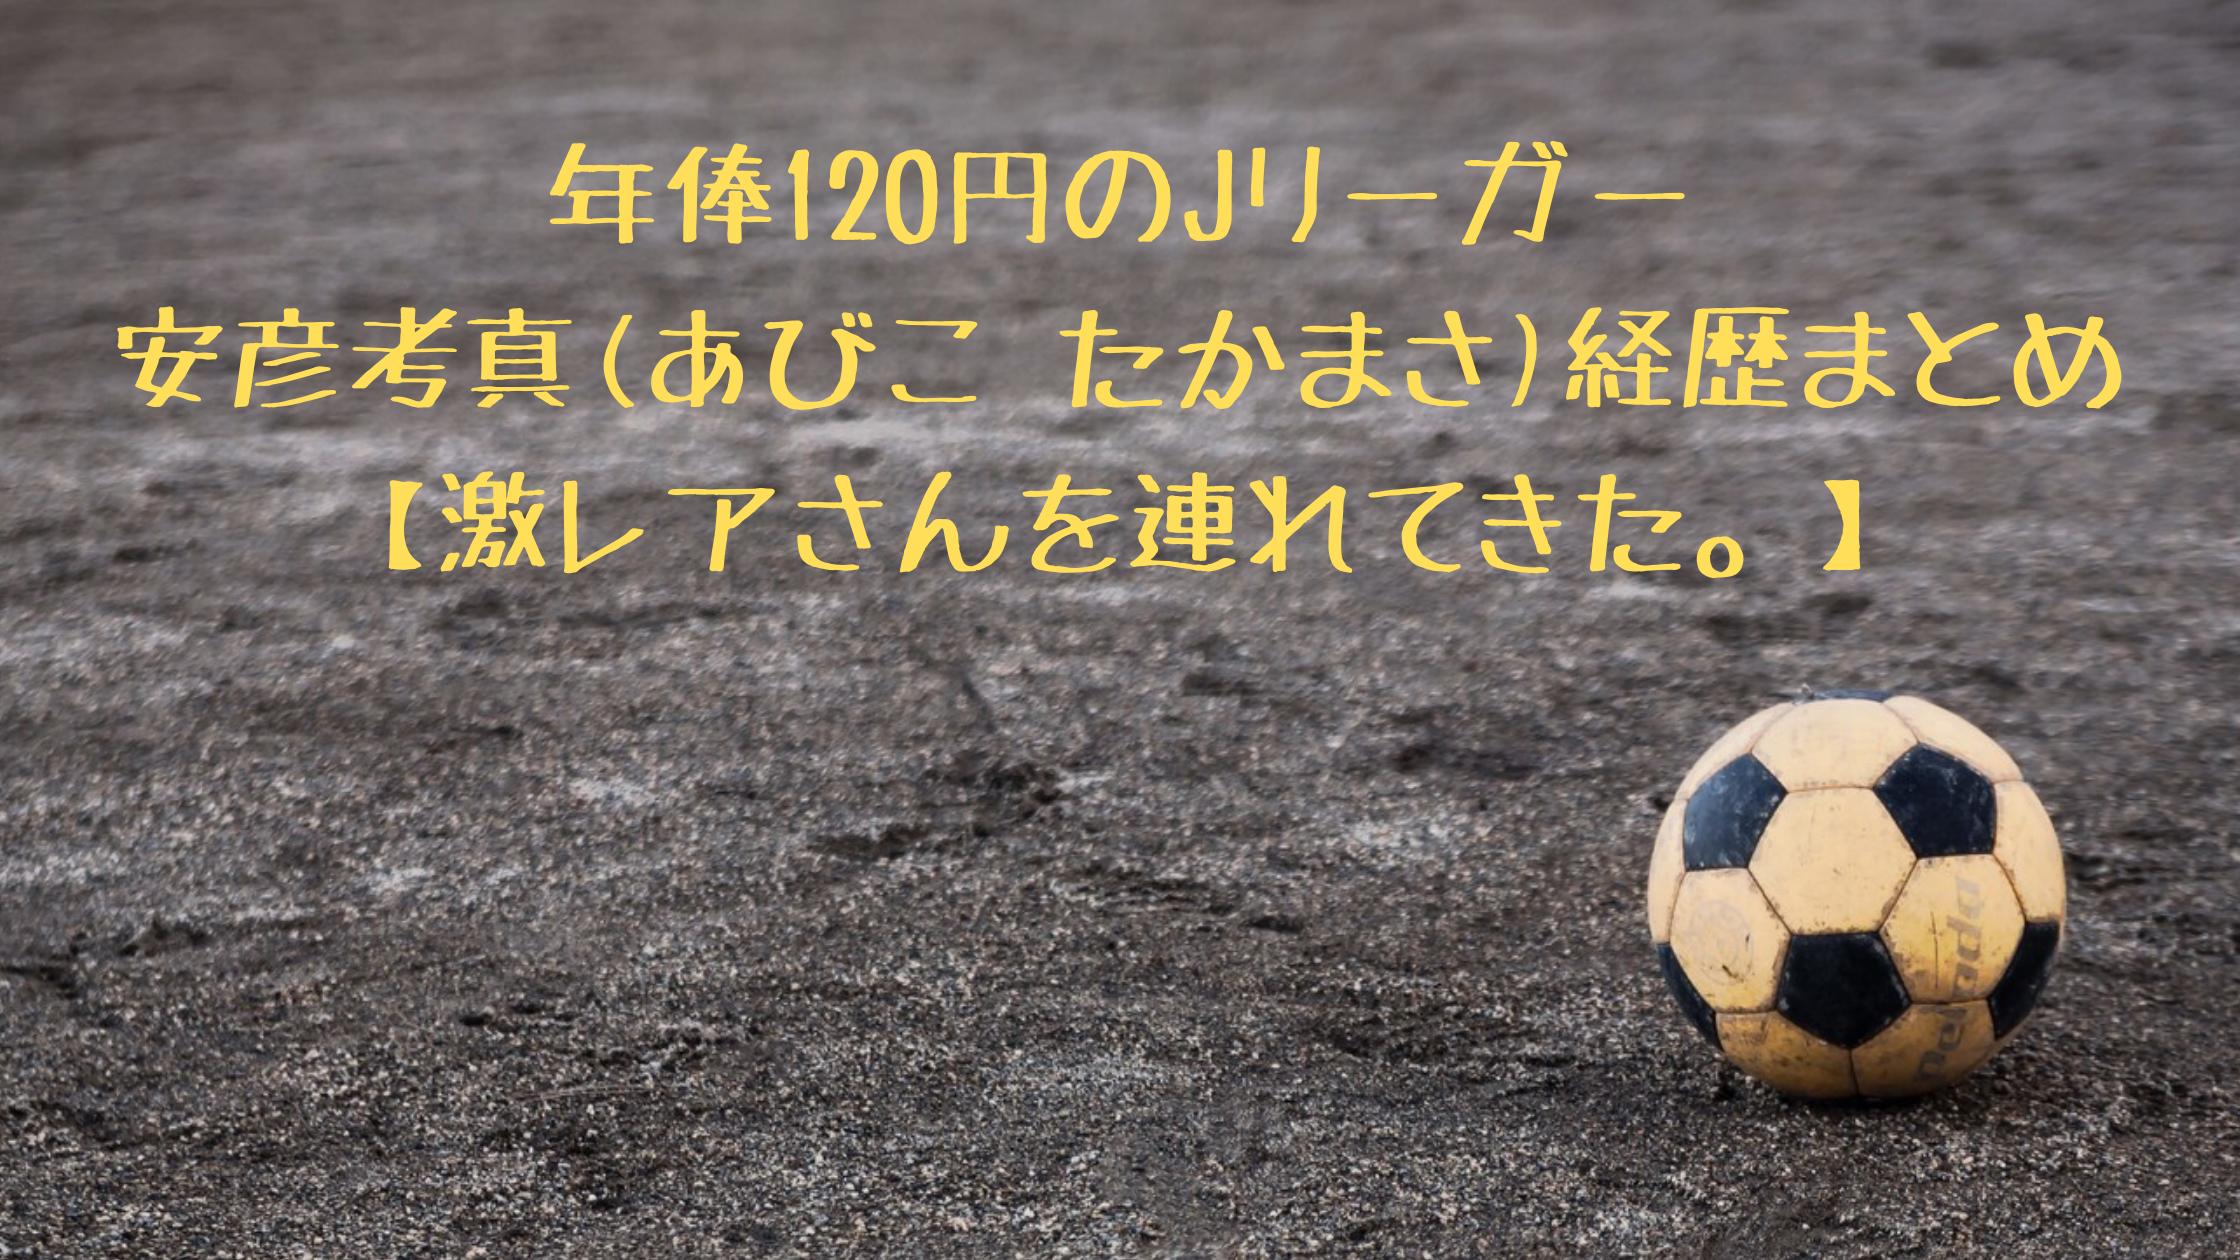 年俸 水戸ホーリーホック 選手